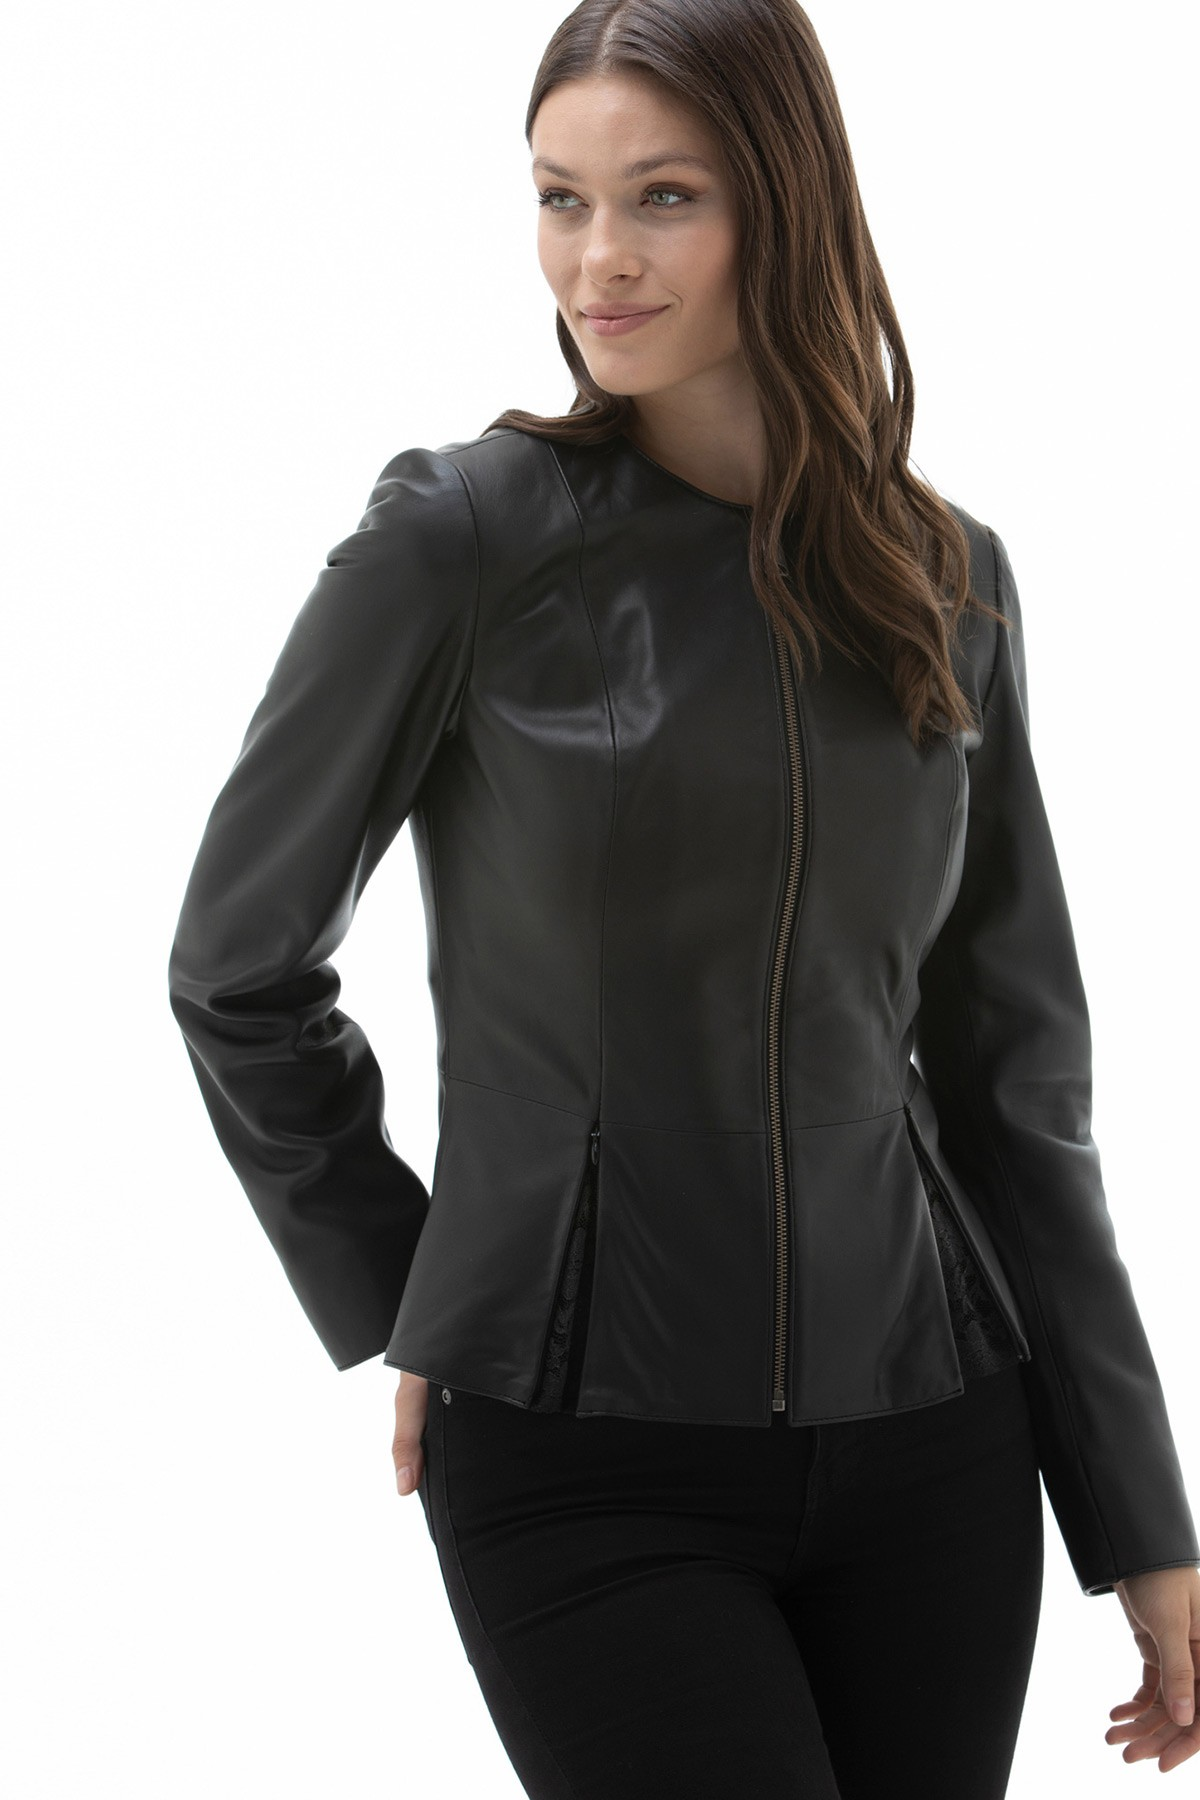 Matte Black Bomber Jacket